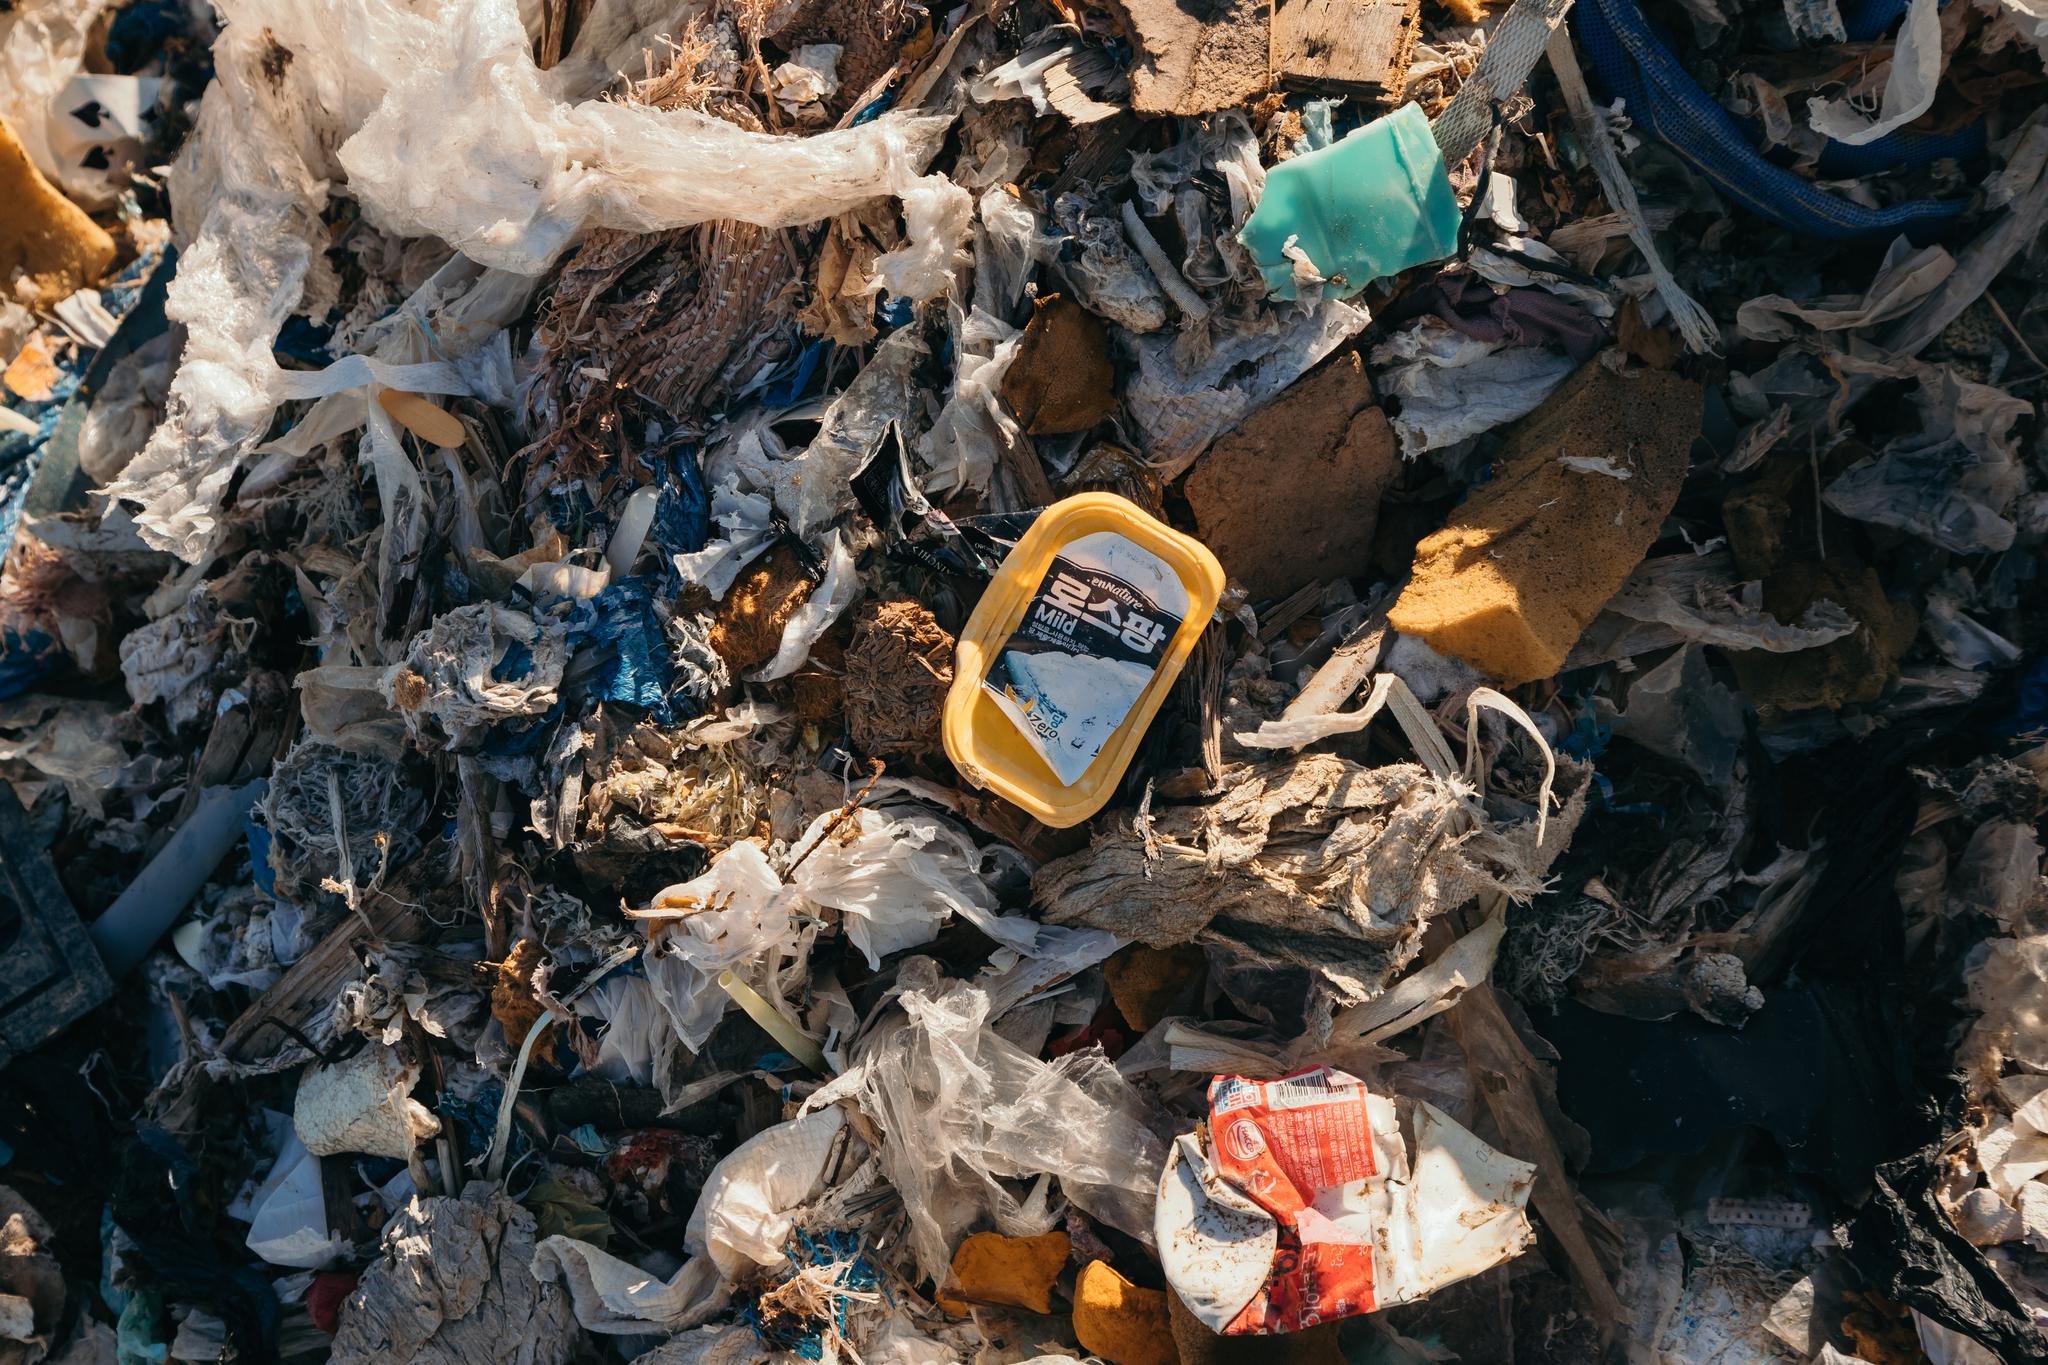 그린피스가 공개한 한국이 필리핀에 불법 수출한 폐기물. 이 플라스틱 쓰레기 더미는 지난해 7월부터 필리핀 미사미스 오리엔탈 타골로안 자치주 소재 베르데 소코 쓰레기 하치장에 버려져 있다. 환경부는 필리핀에 불법 수출된 플라스틱 쓰레기 6천300t을 국내로 다시 들여오기 위해 현재 필리핀 정부와 협의 중이다.[연합뉴스]